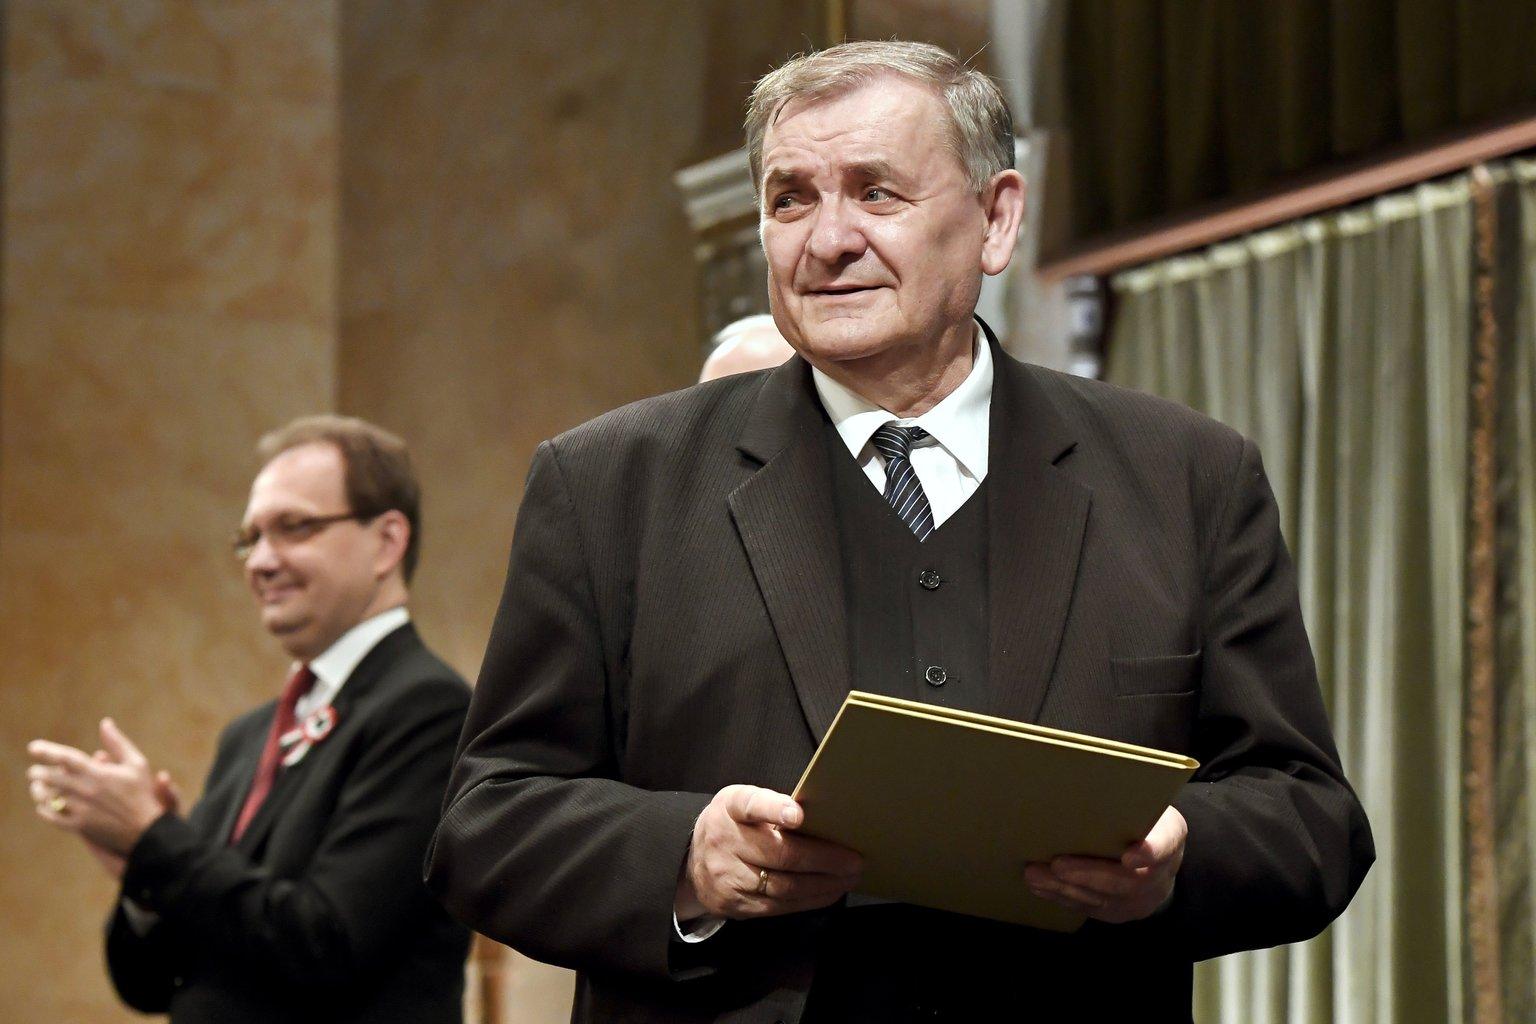 A József Attila-díjjal kitüntetett Lezsák Sándor költő, drámaíró, kultúraszervező, a Magyar Országgyűlés alelnöke (MTI-fotó: Koszticsák Szilárd)